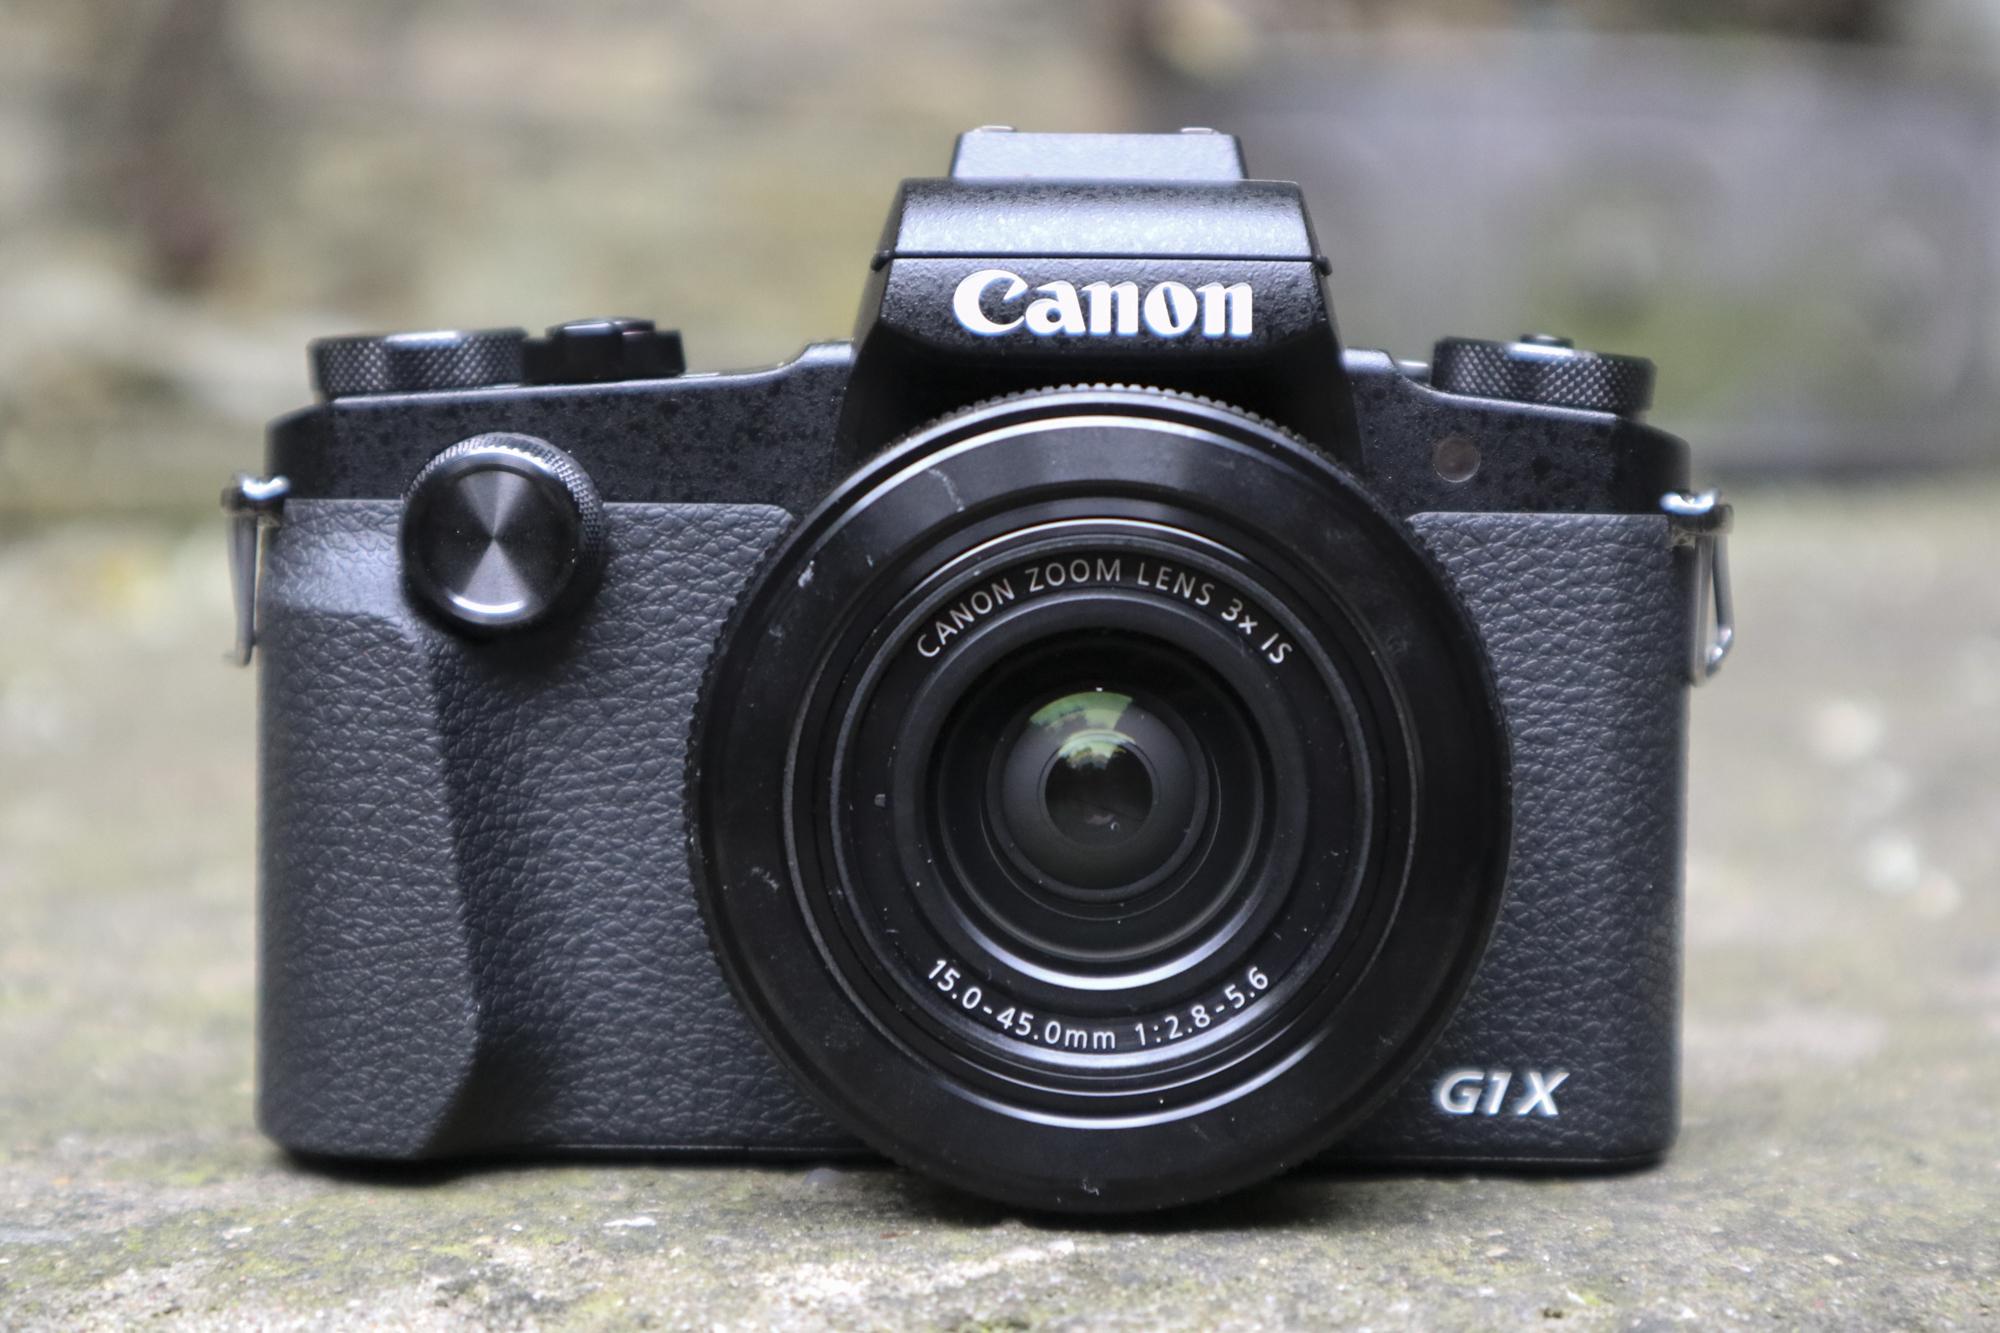 canon powershot g1x iii product images 04.jpg